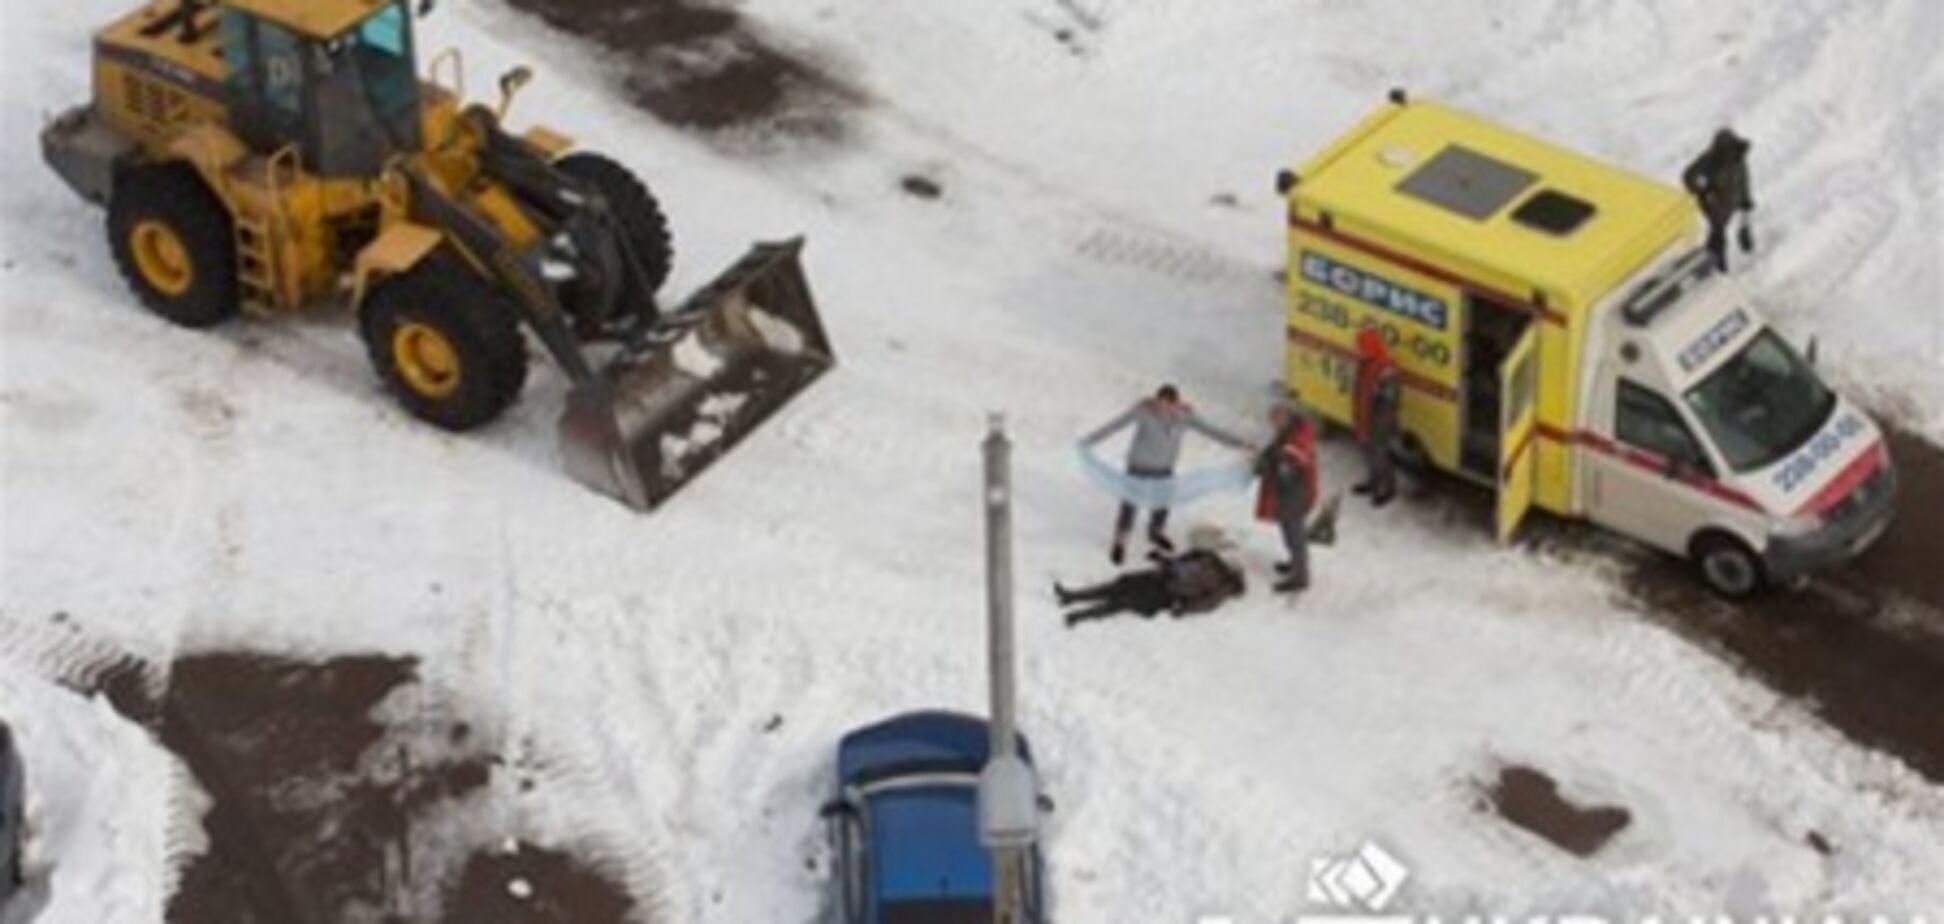 Милиция расследует гибель женщины под трактором в Киеве